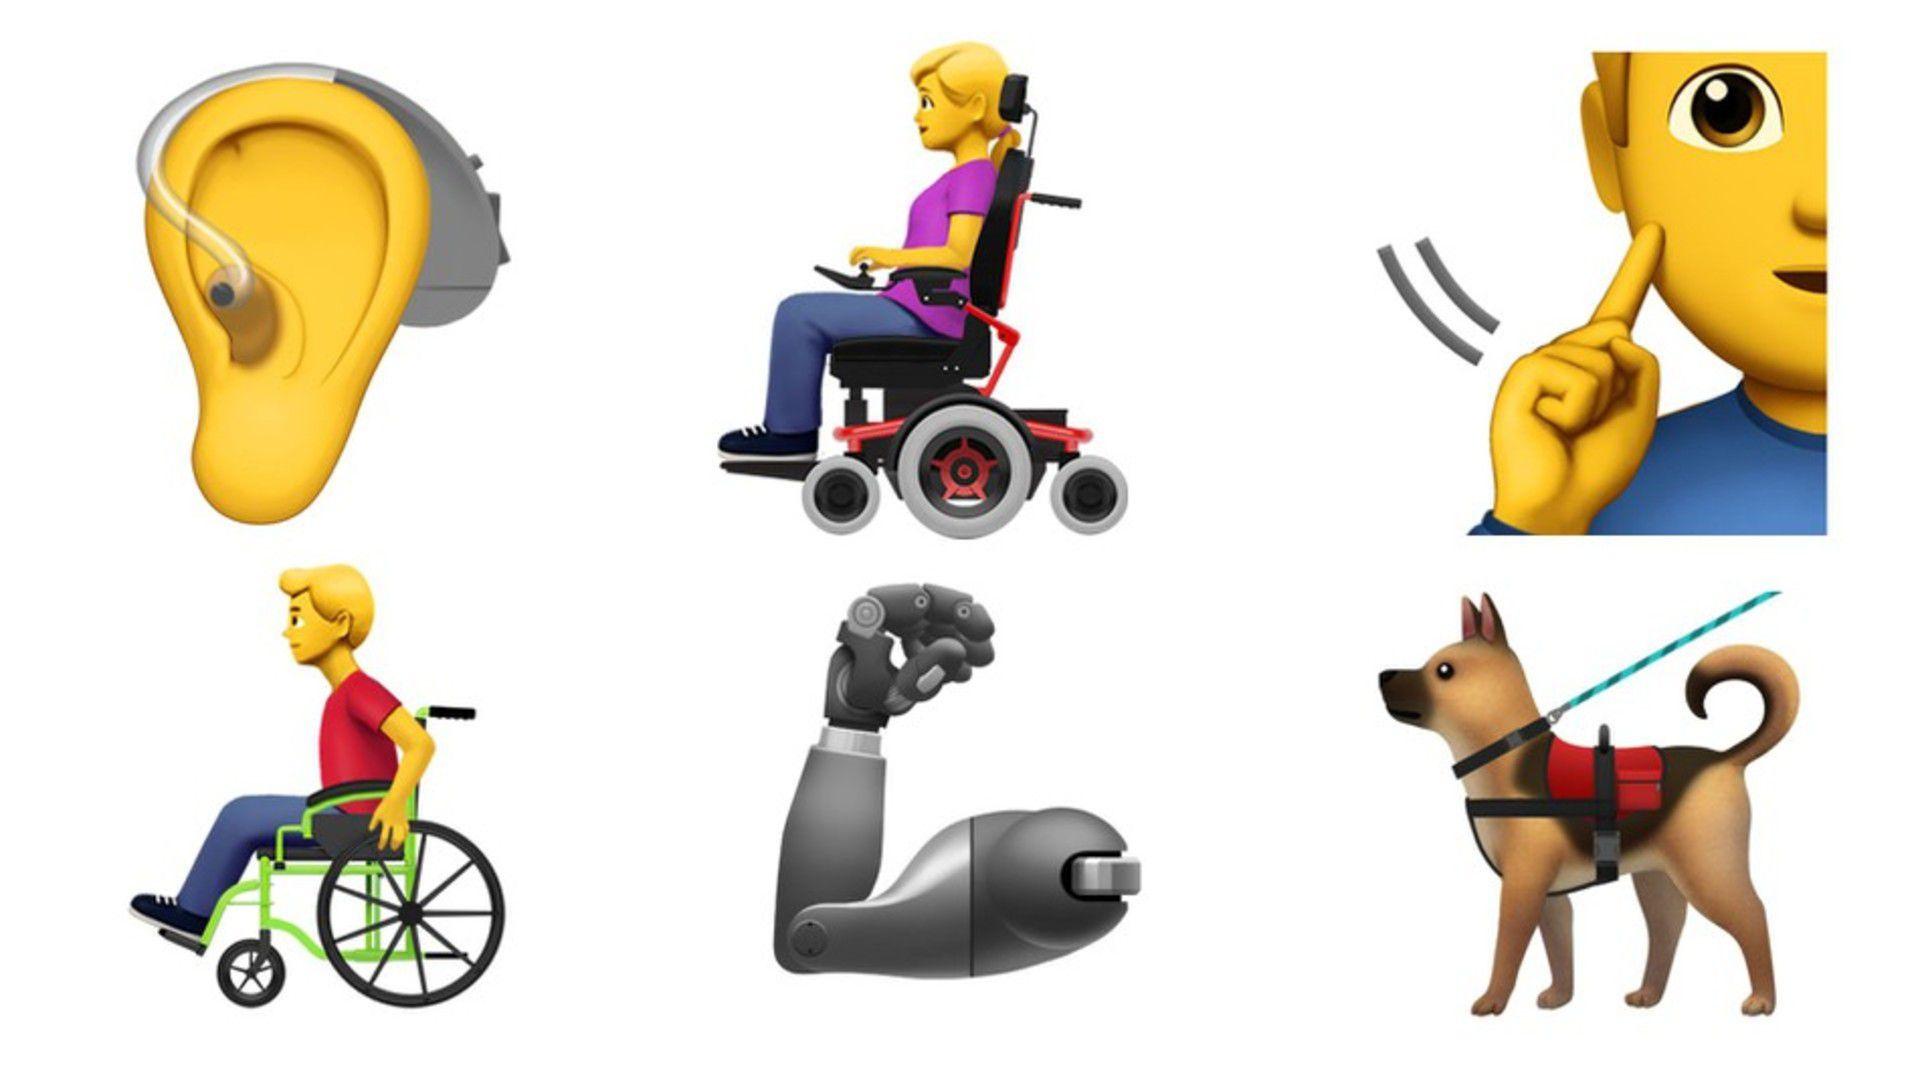 Nuevamente los creadores enfocaron en la inclusión, agregando emojis relacionados con personas con alguna discapacidad.